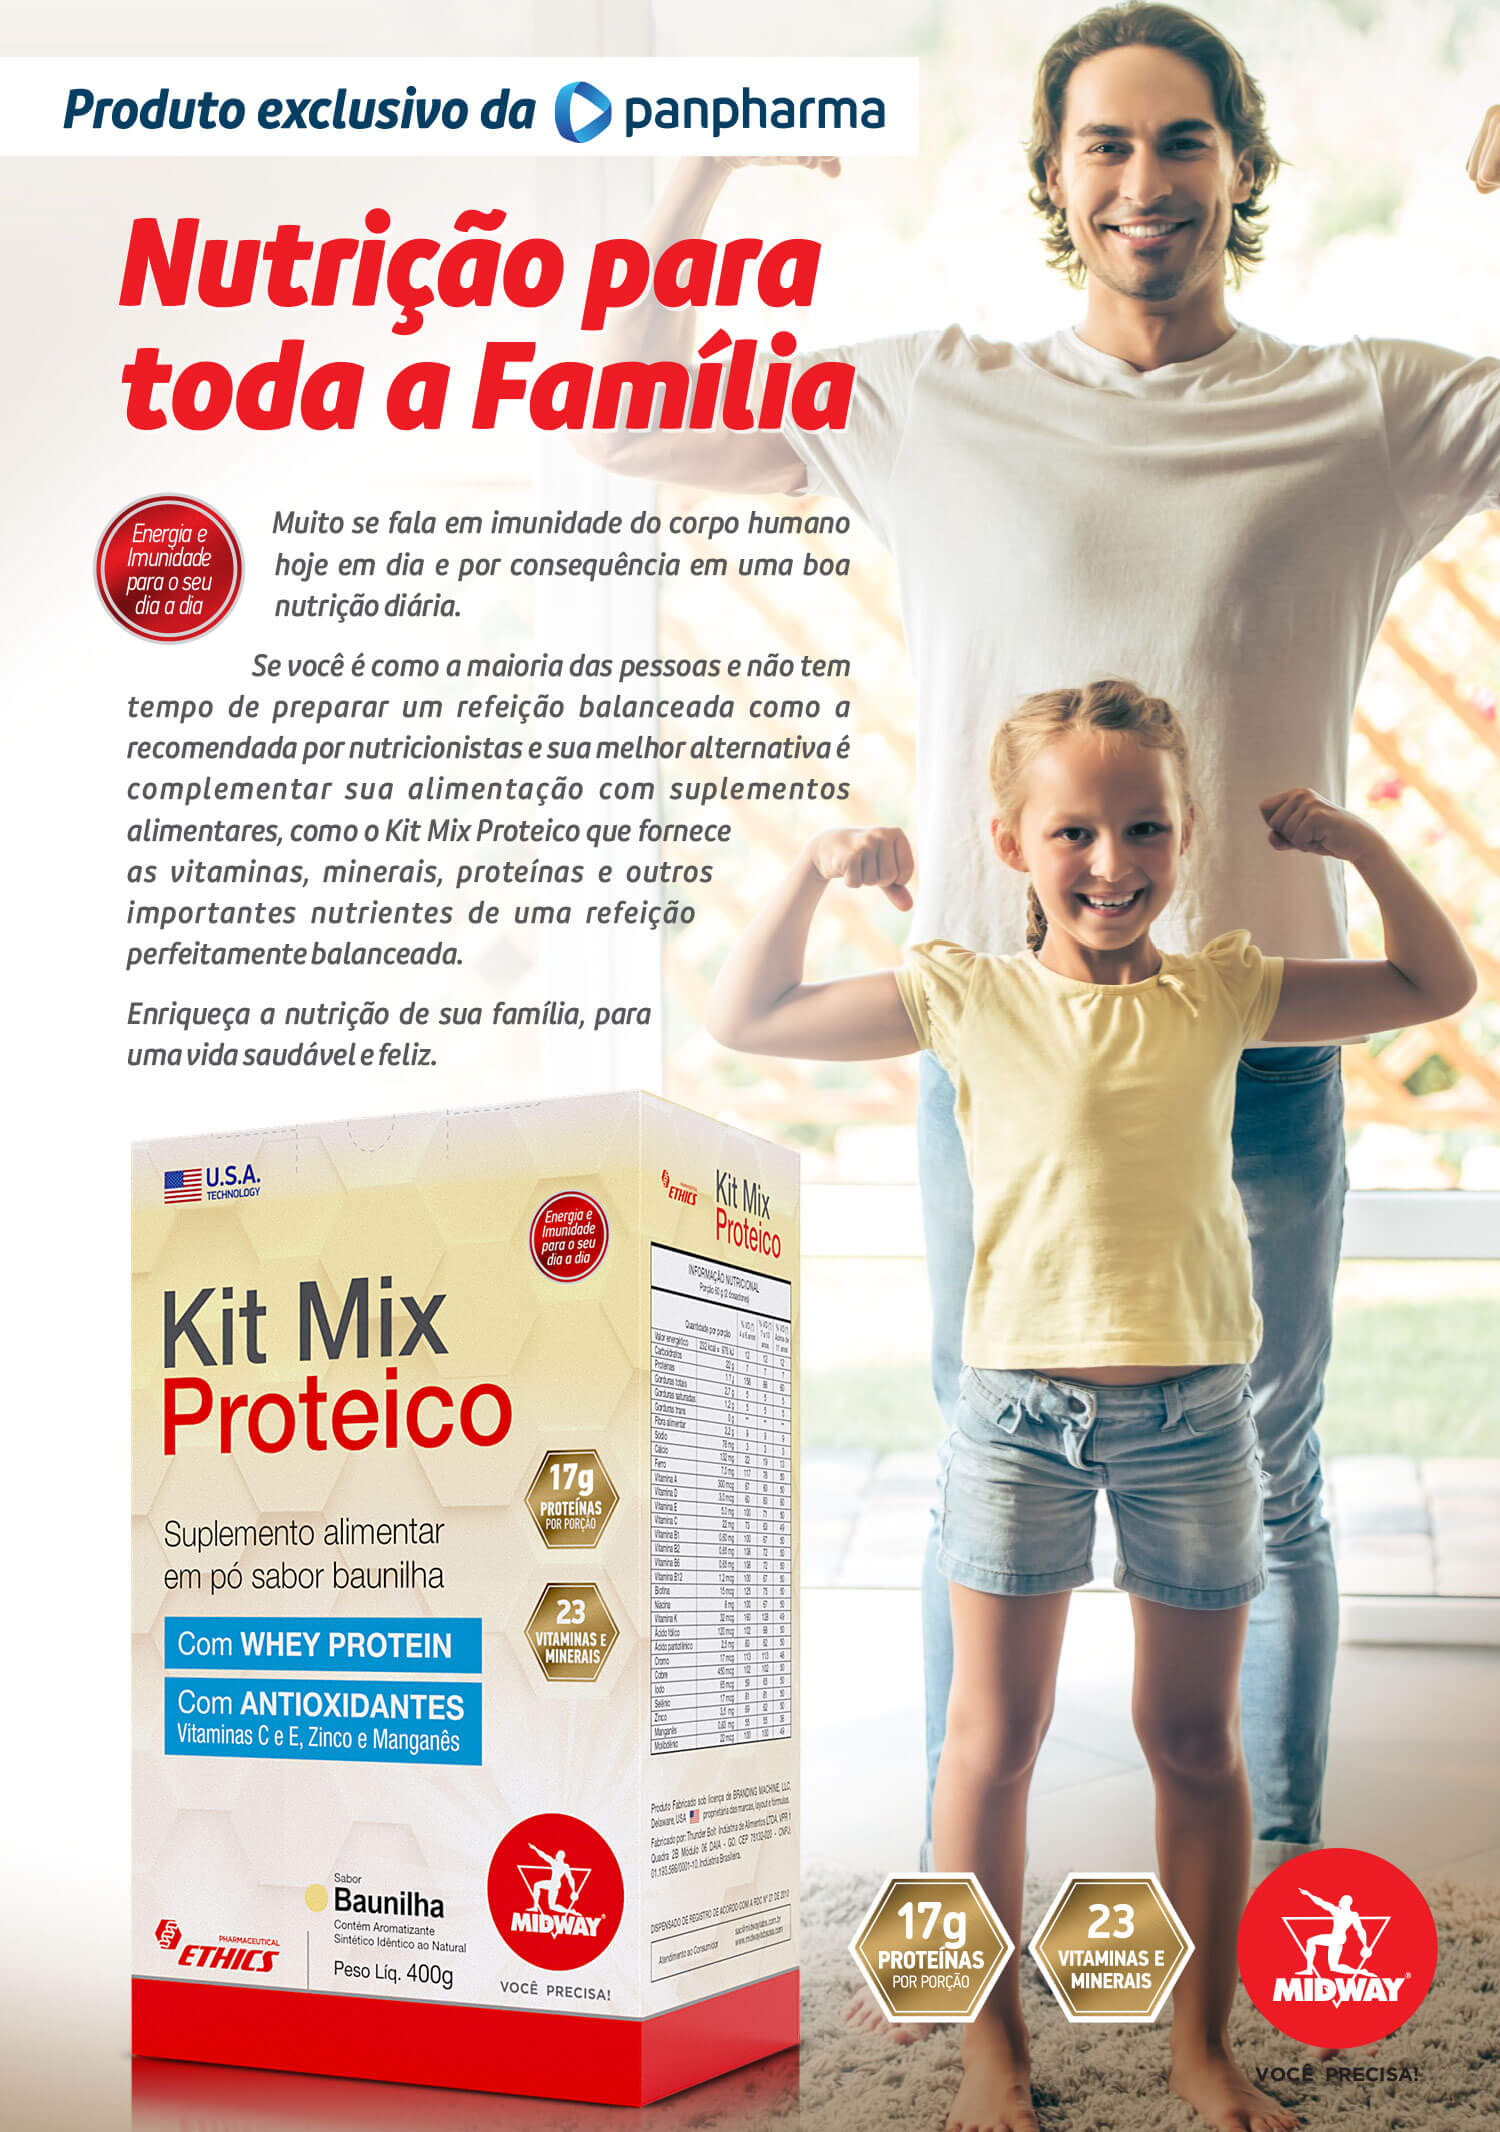 Kit Mix Proteico